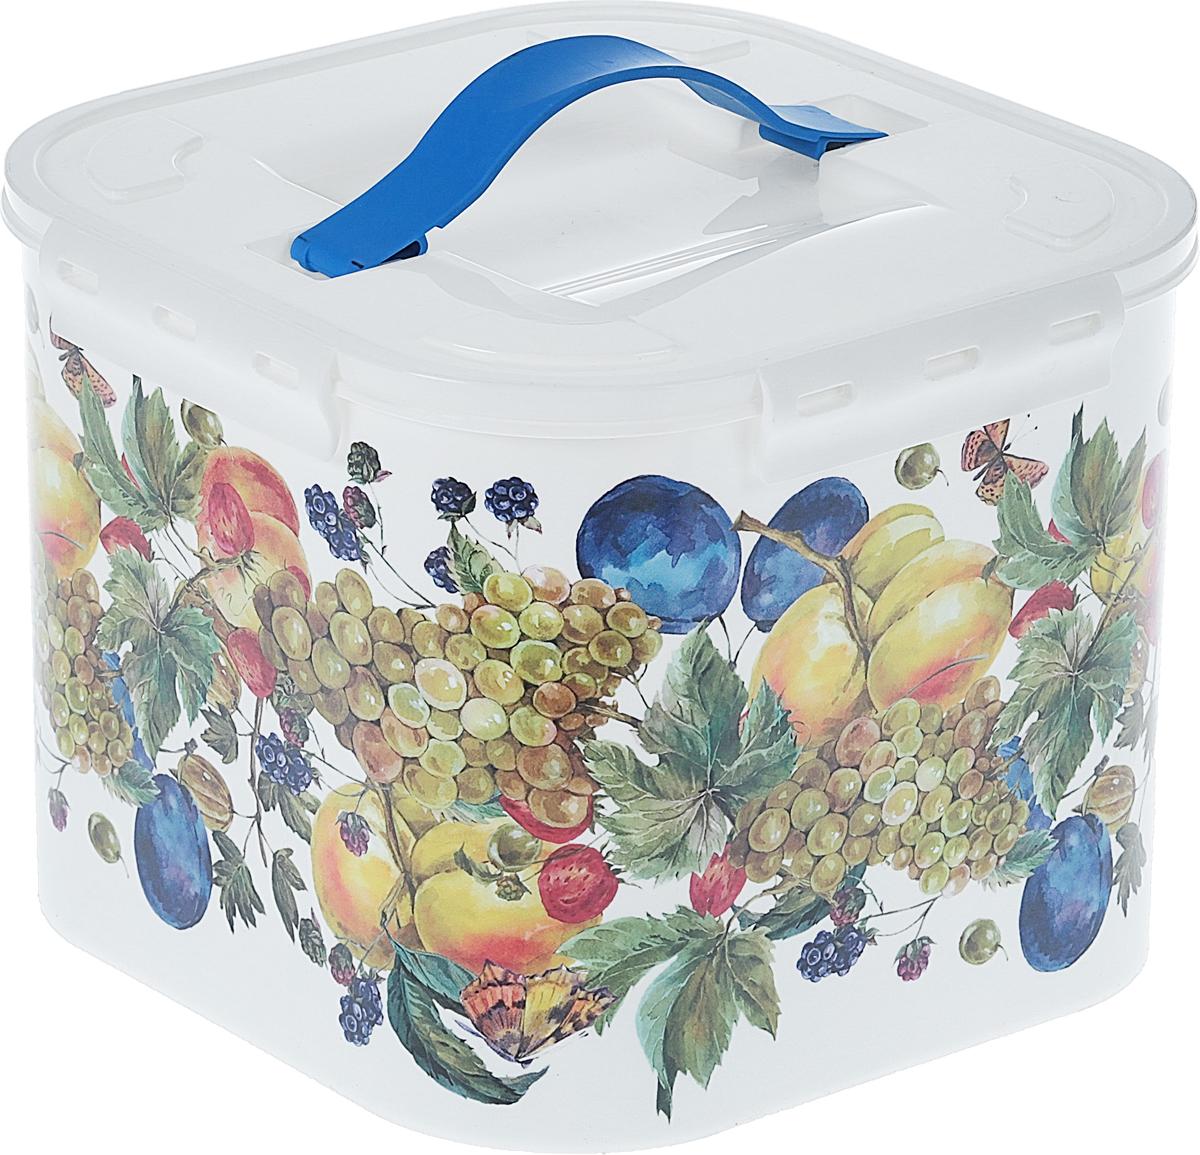 Контейнер для хранения Idea Фрукты, цвет: белый, 7 л контейнер для хранения idea фрукты 7 л